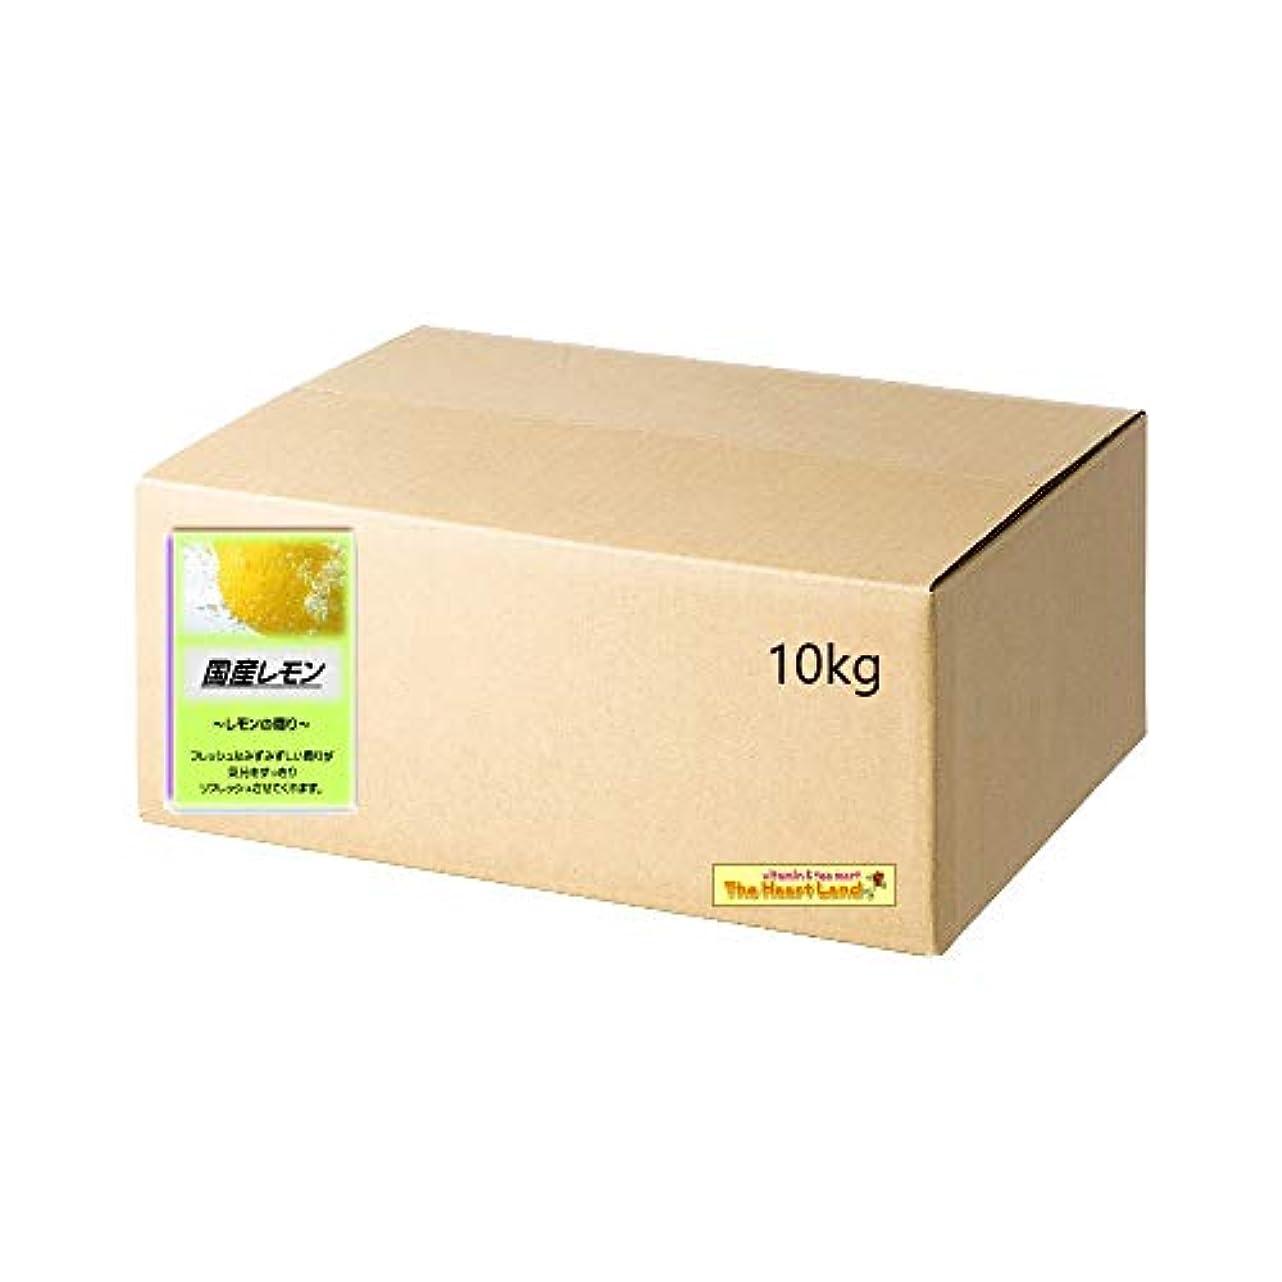 デマンド堀ランドマークアサヒ入浴剤 浴用入浴化粧品 国産レモン 10kg